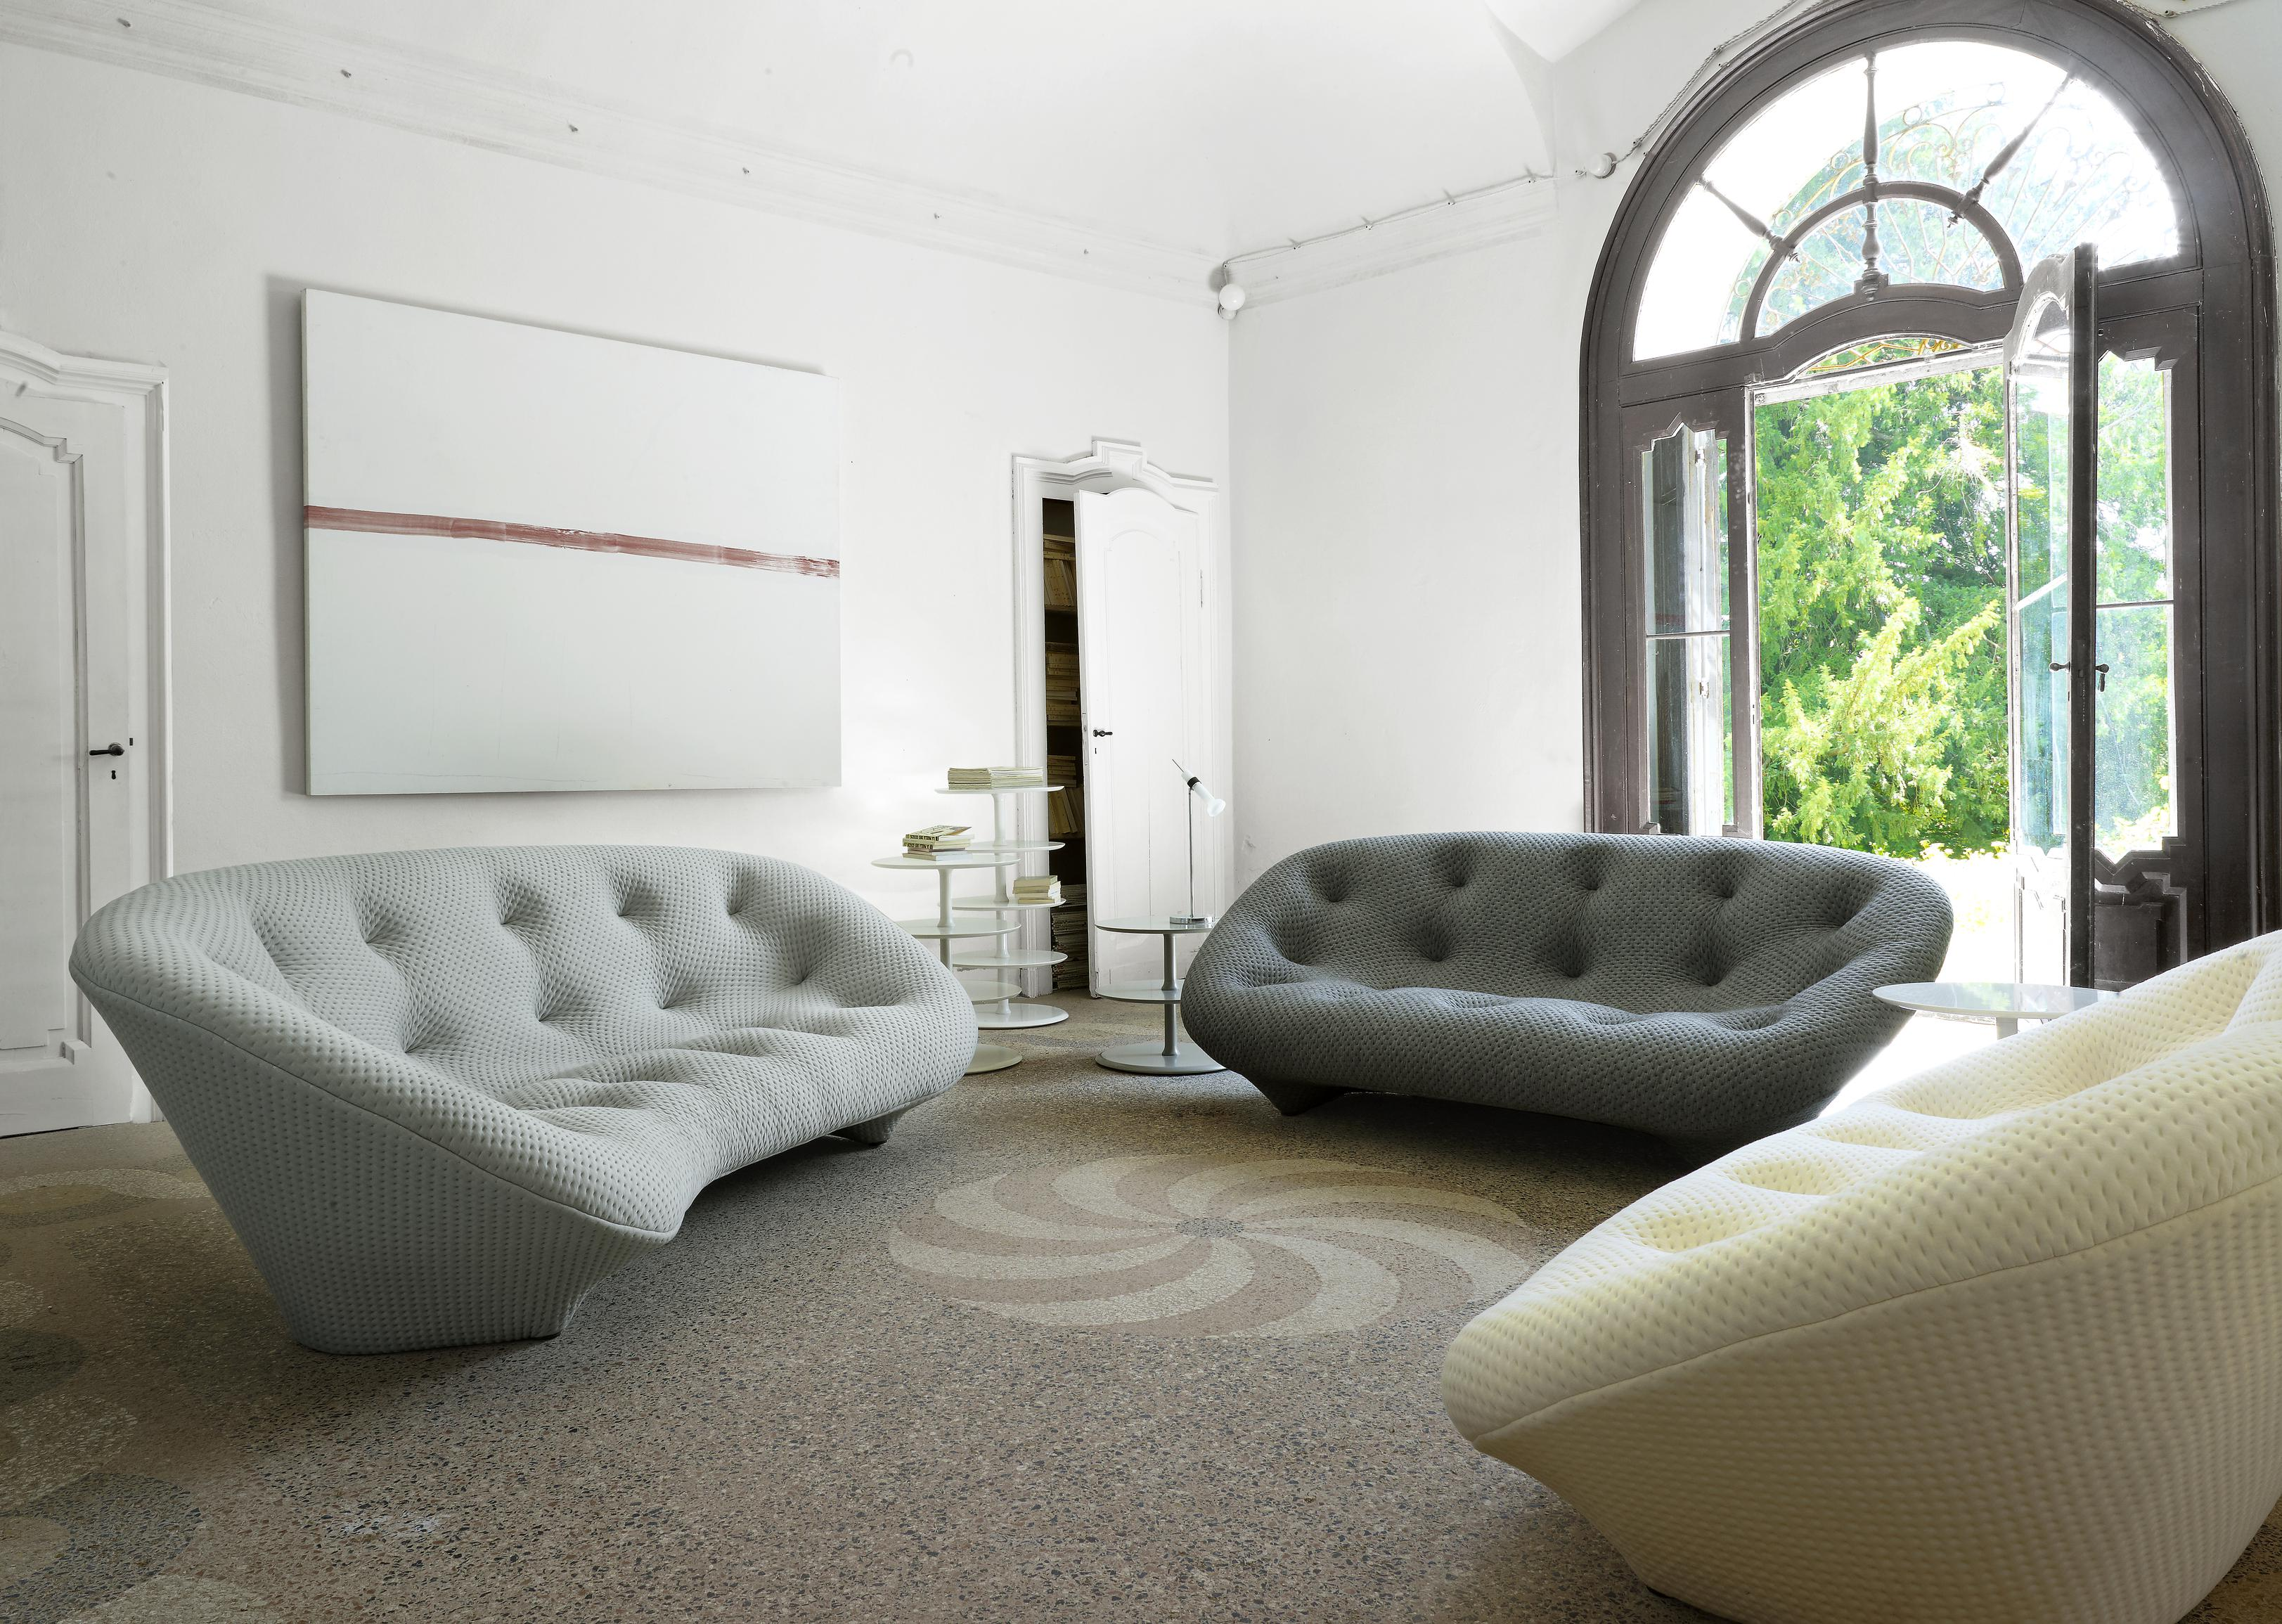 Kolekcja Ploum zaprojektowana dla Ligne Roset przez braci Ronan i Erwan Bouroullec.